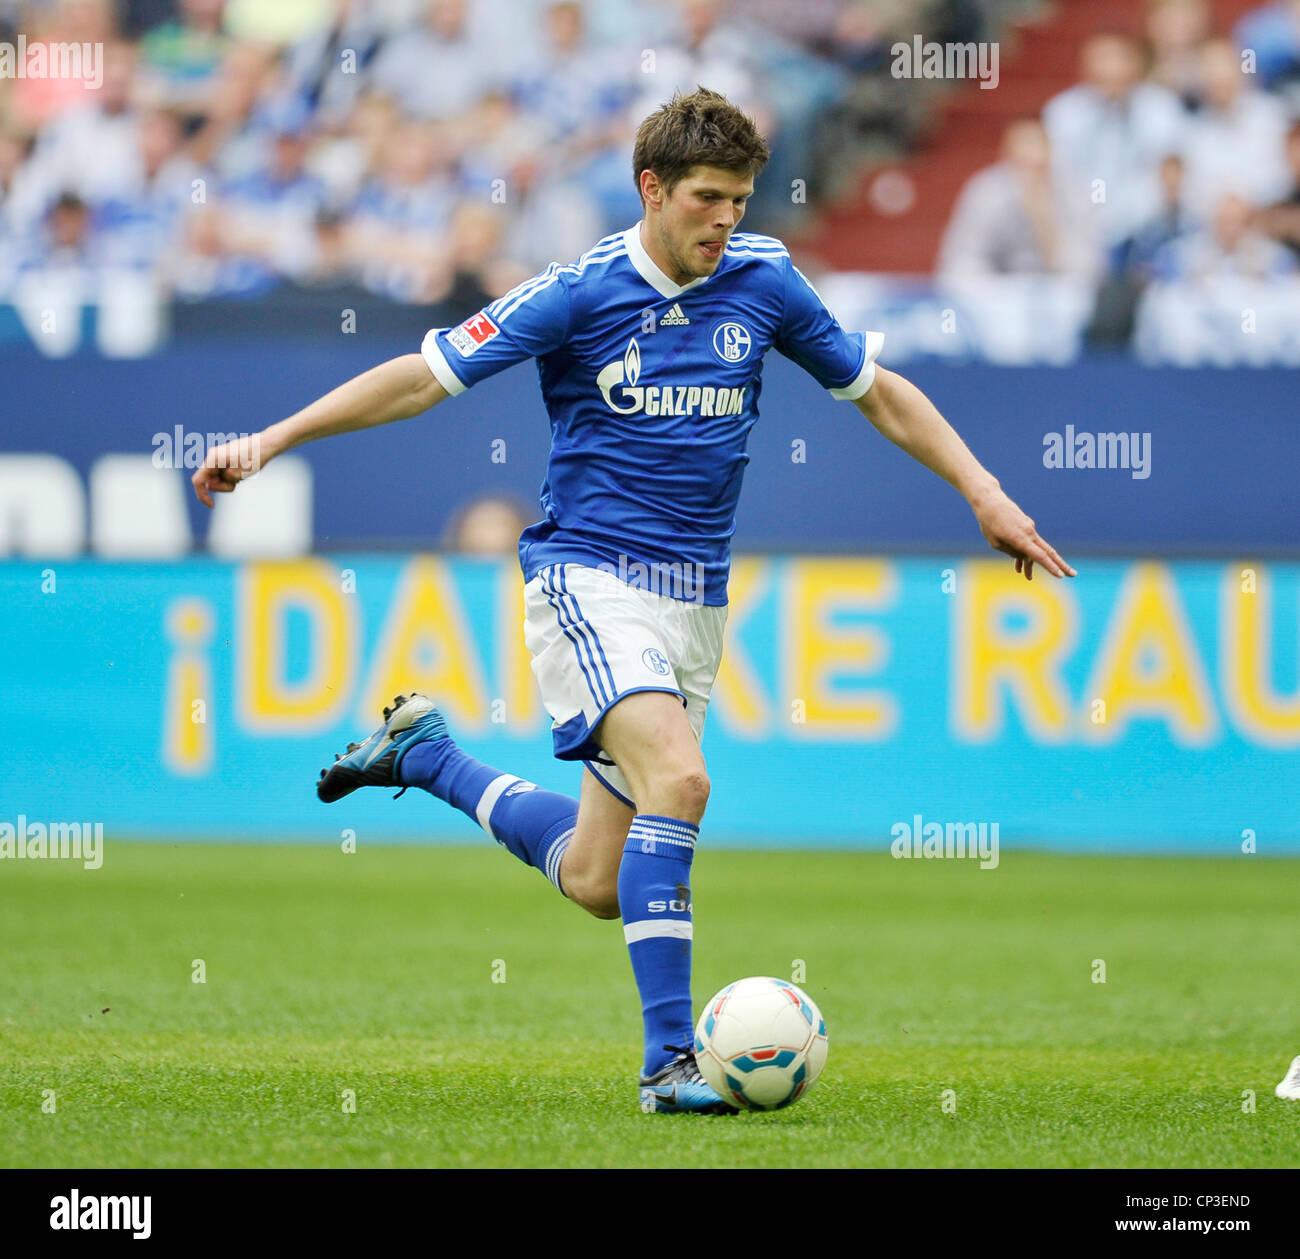 Klaas Jan Huntelaar Schalke 04 Stock Royalty Free Image